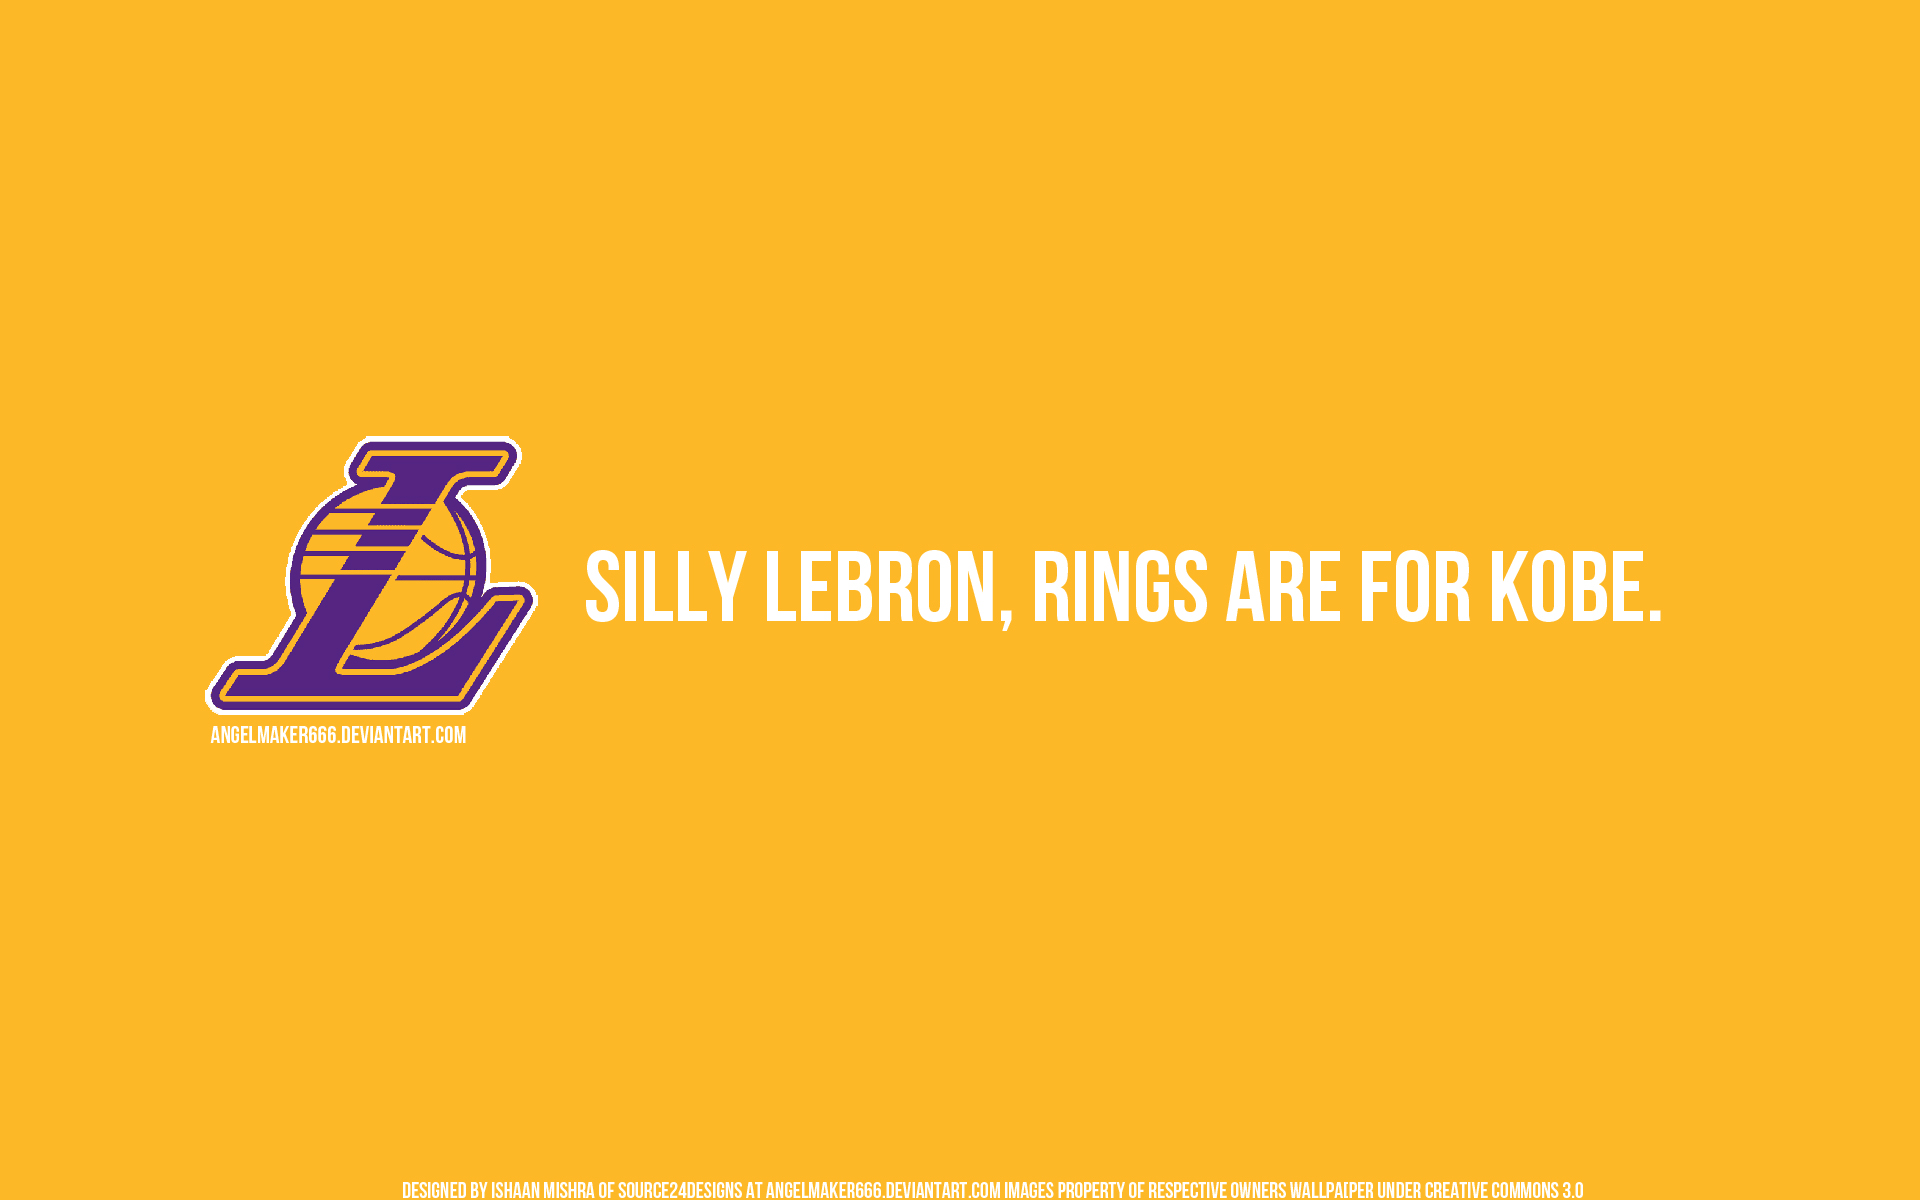 LeBron versus Kobe by IshaanMishra